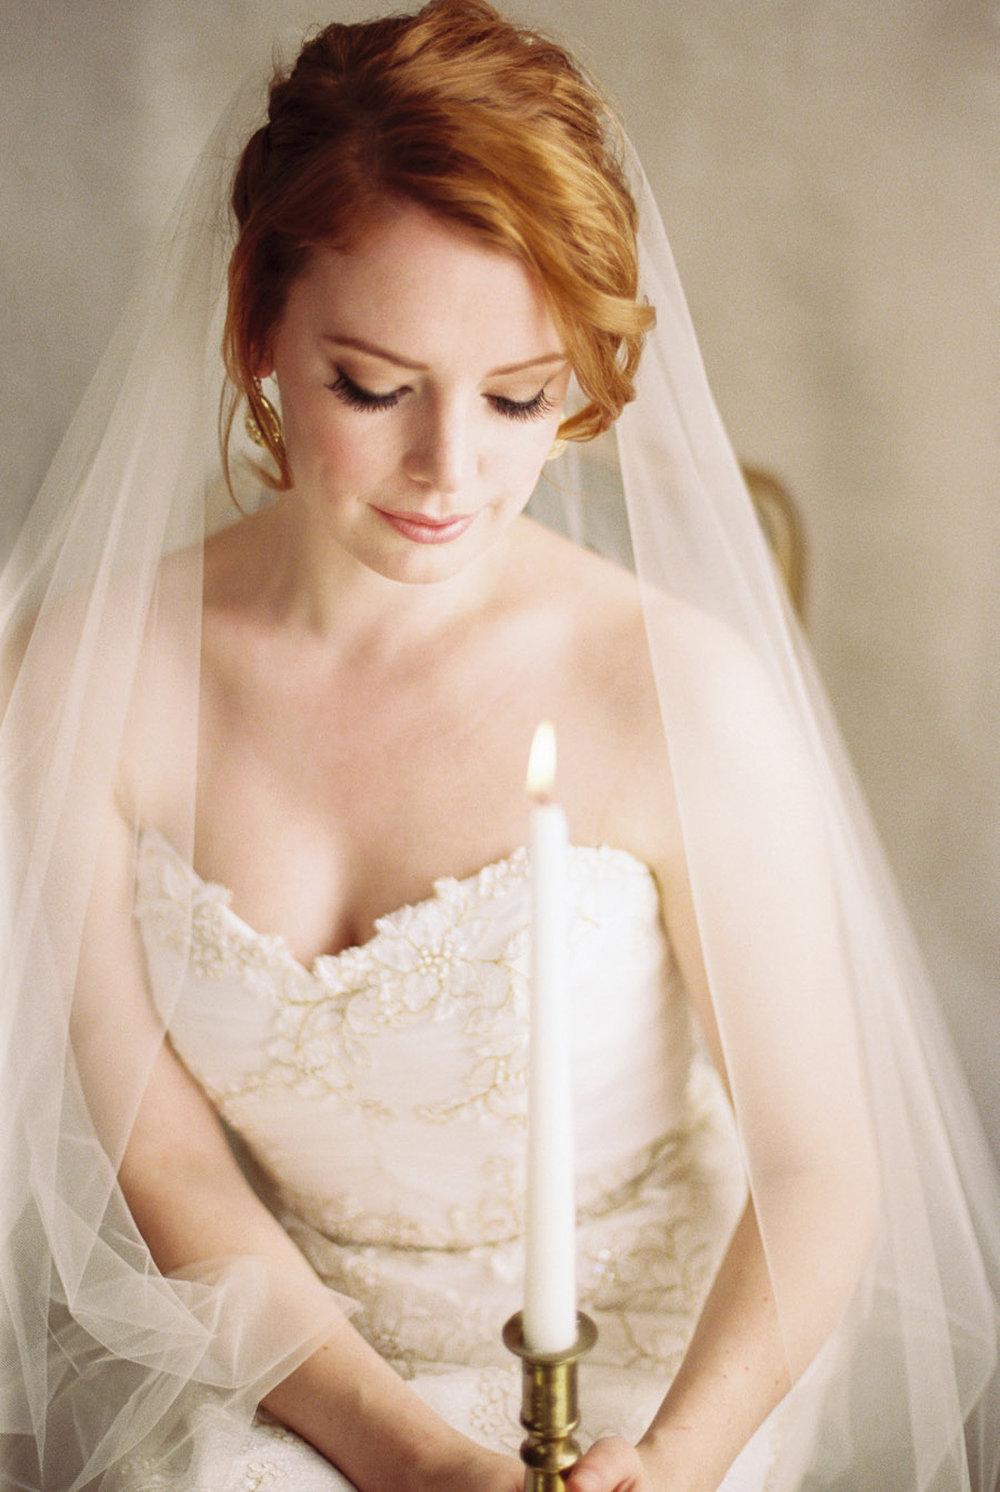 Lara_Lam_Vintage_Heirloom_wedding_photographer_Etablir_shop_vintage_rental73.jpg